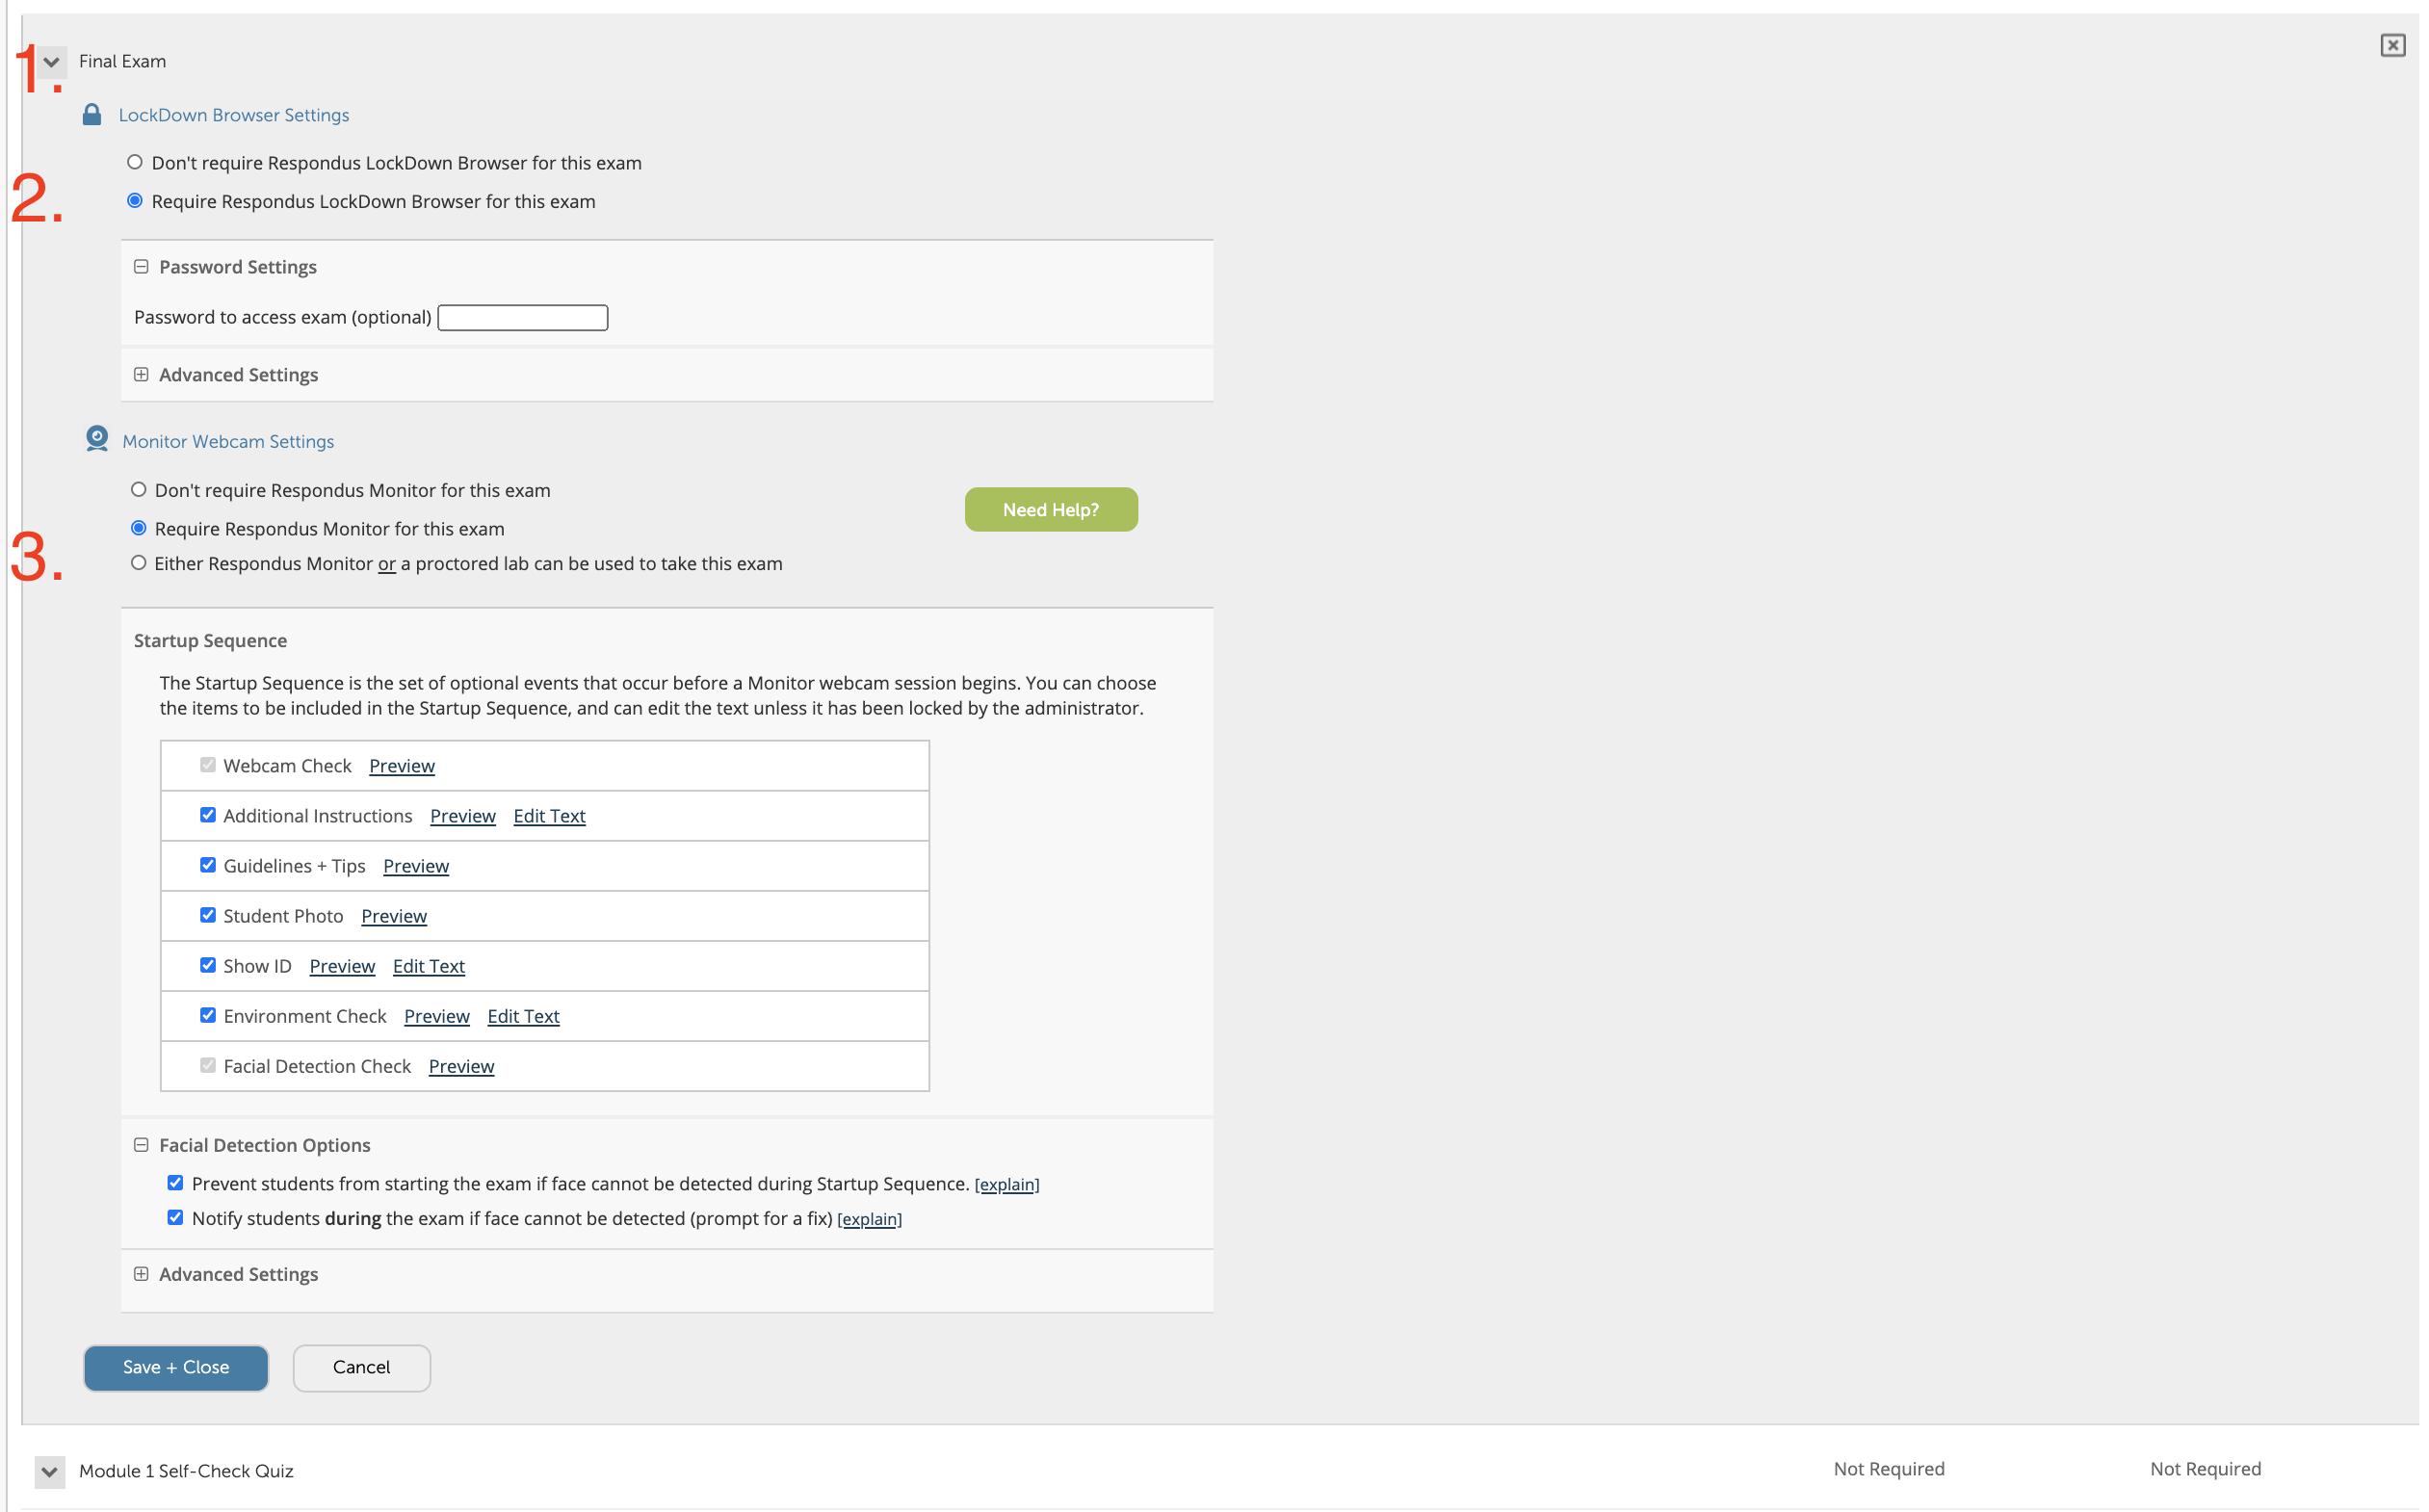 The Respondus Lockdown Browser settings in Blackboard